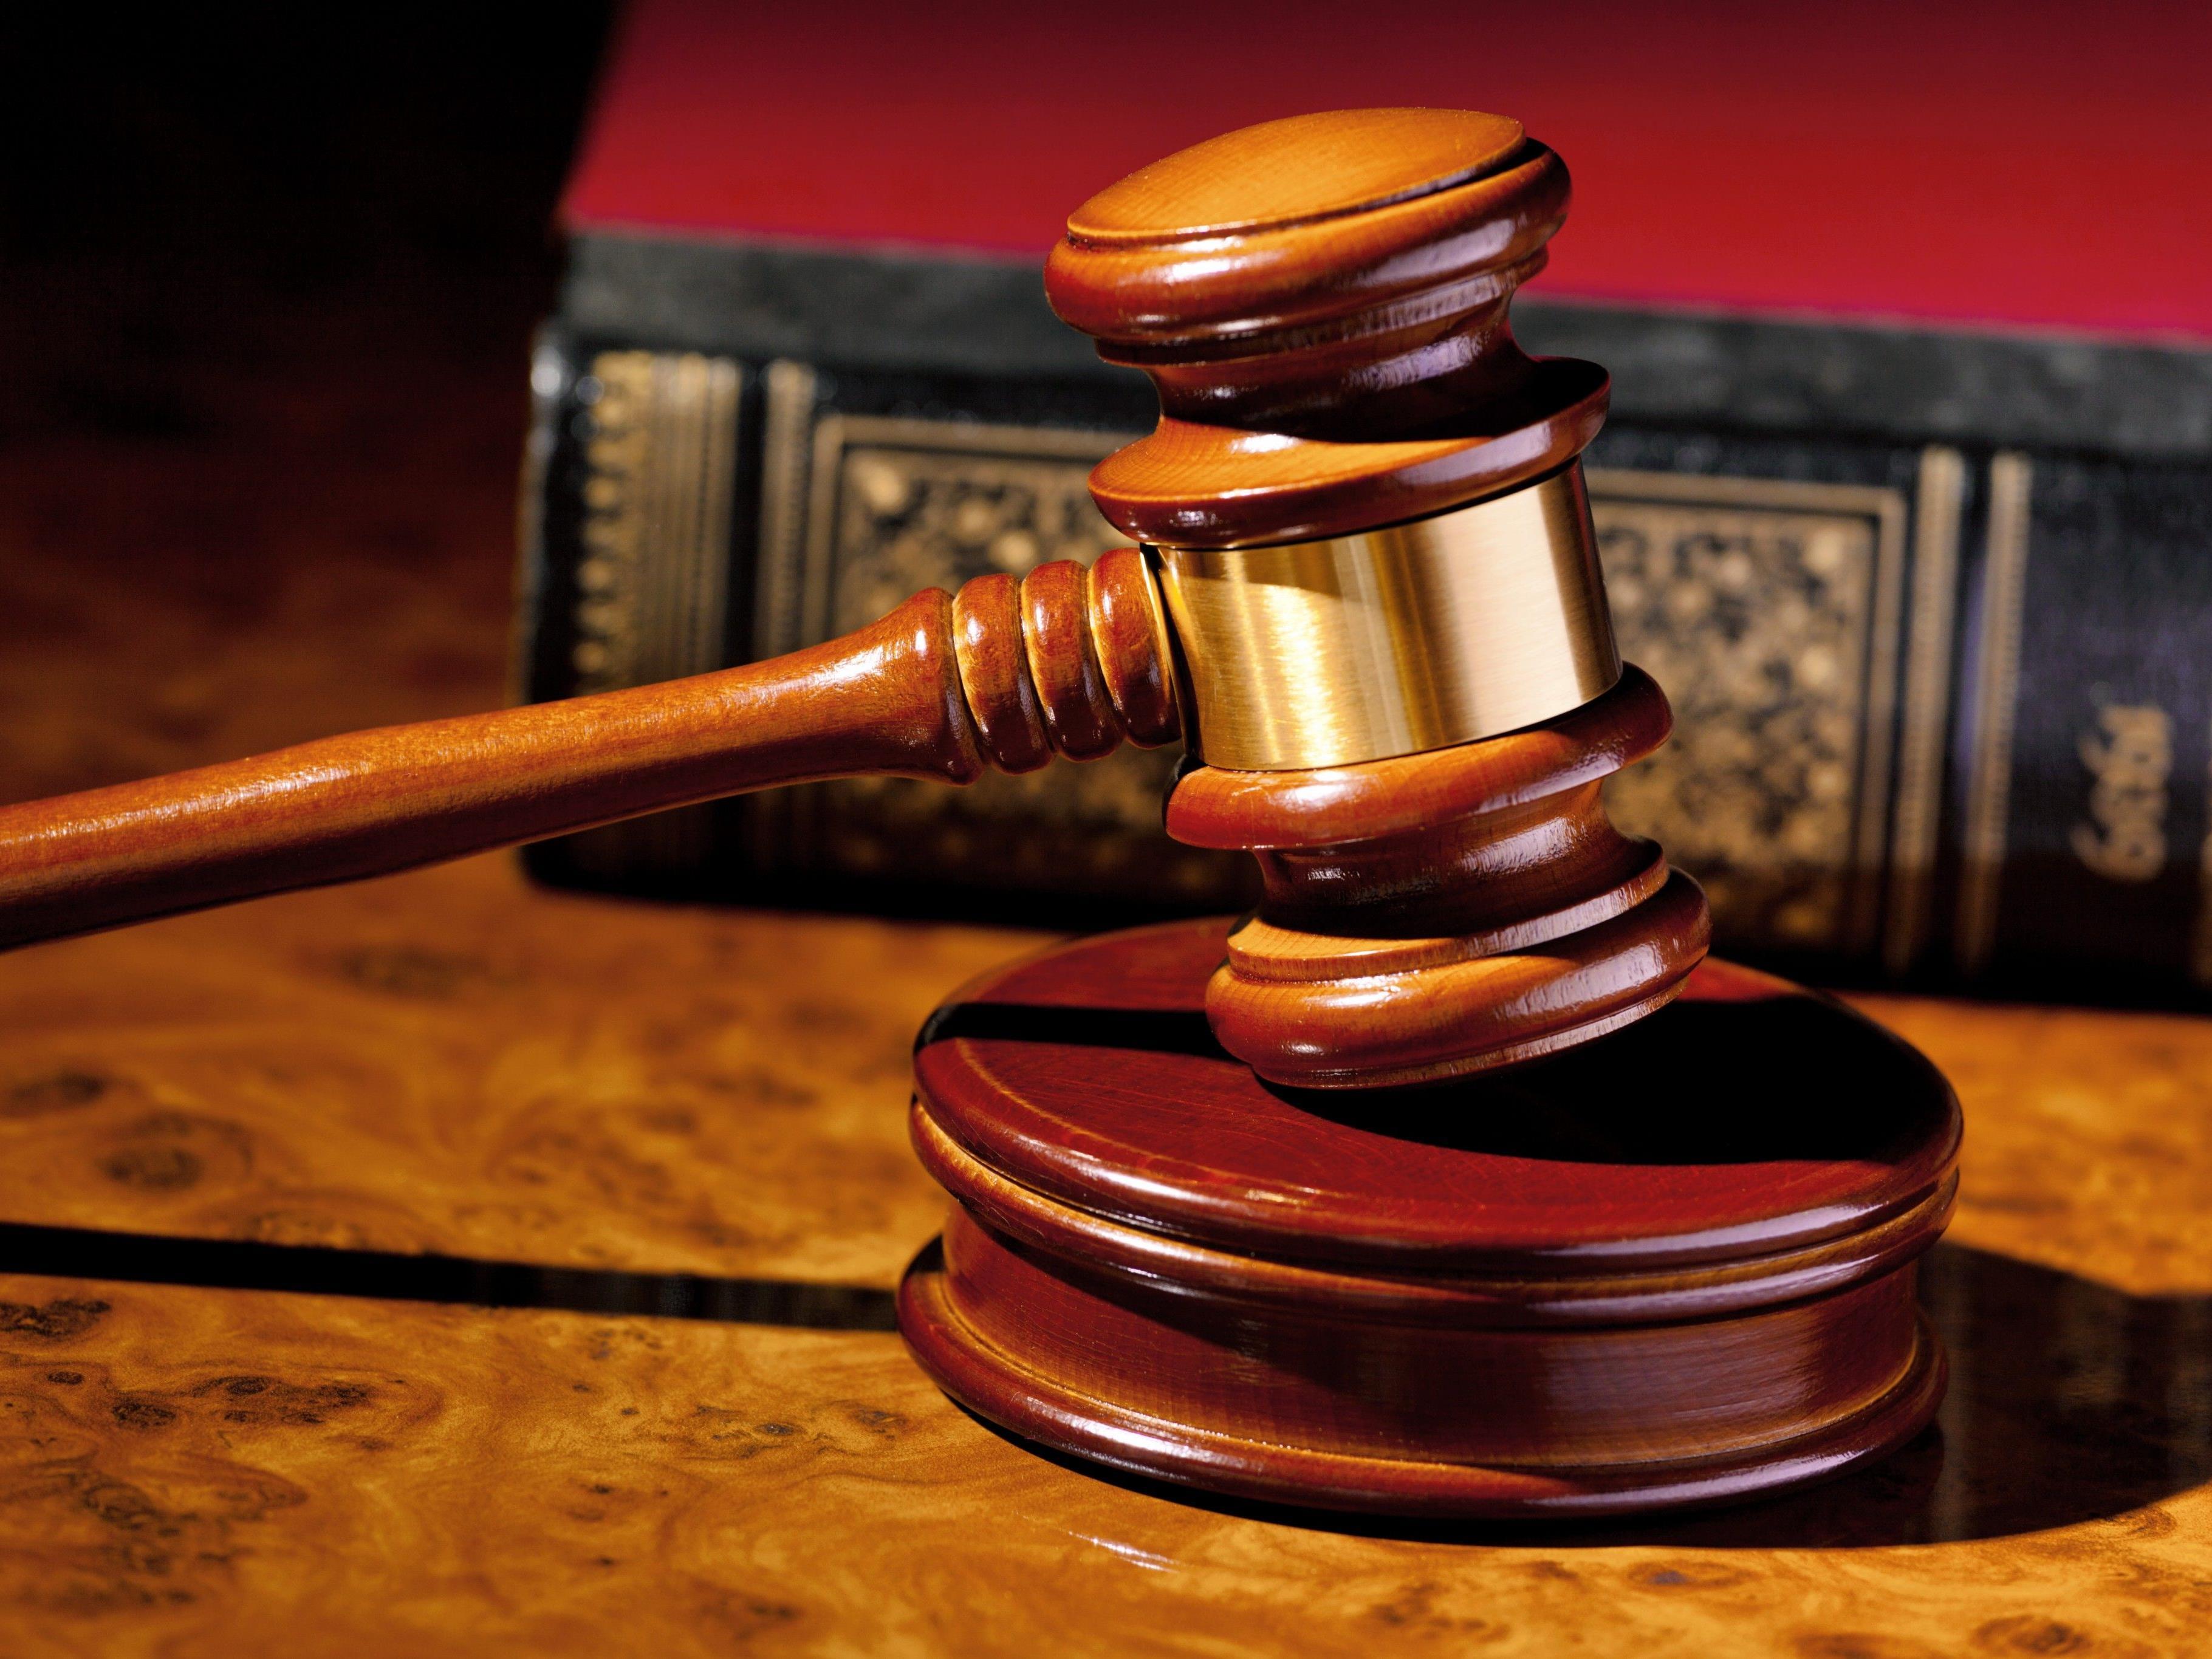 Ein 22-Jähriger wurde wegen versuchter absichtlich schwerer Körperverletzung zu einer Haftstrafe verurteilt. Das Urteil ist noch nicht rechtskräftig.